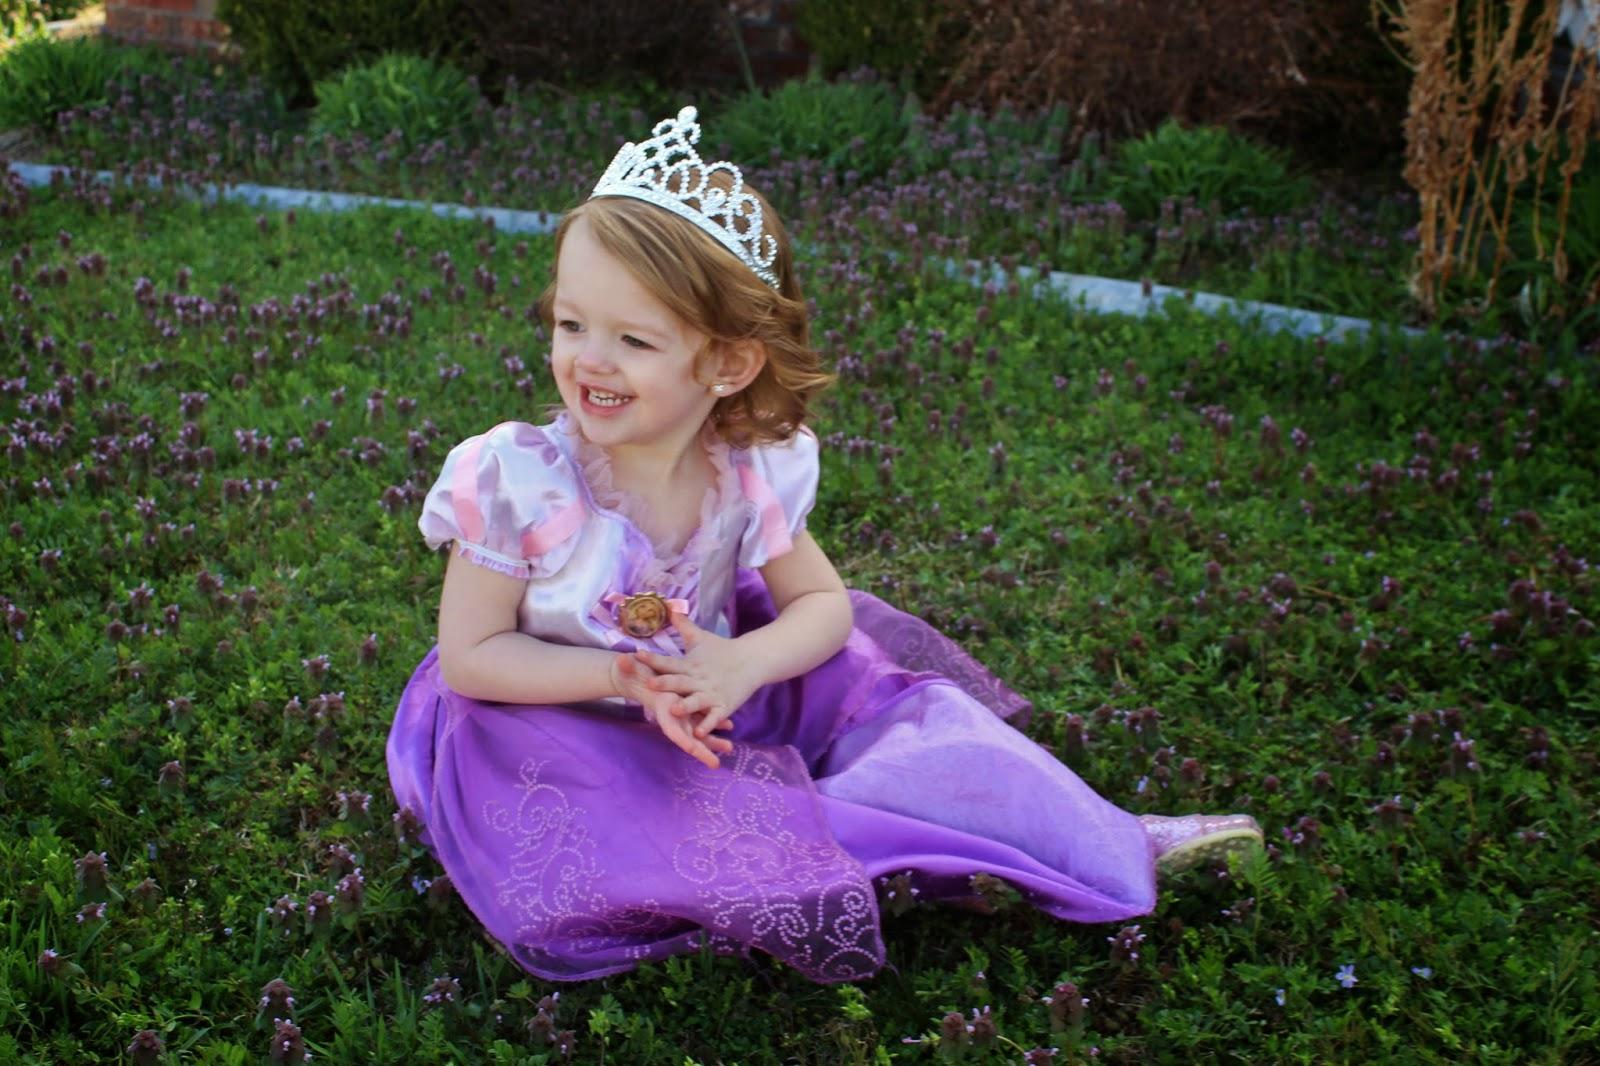 Dating a princess